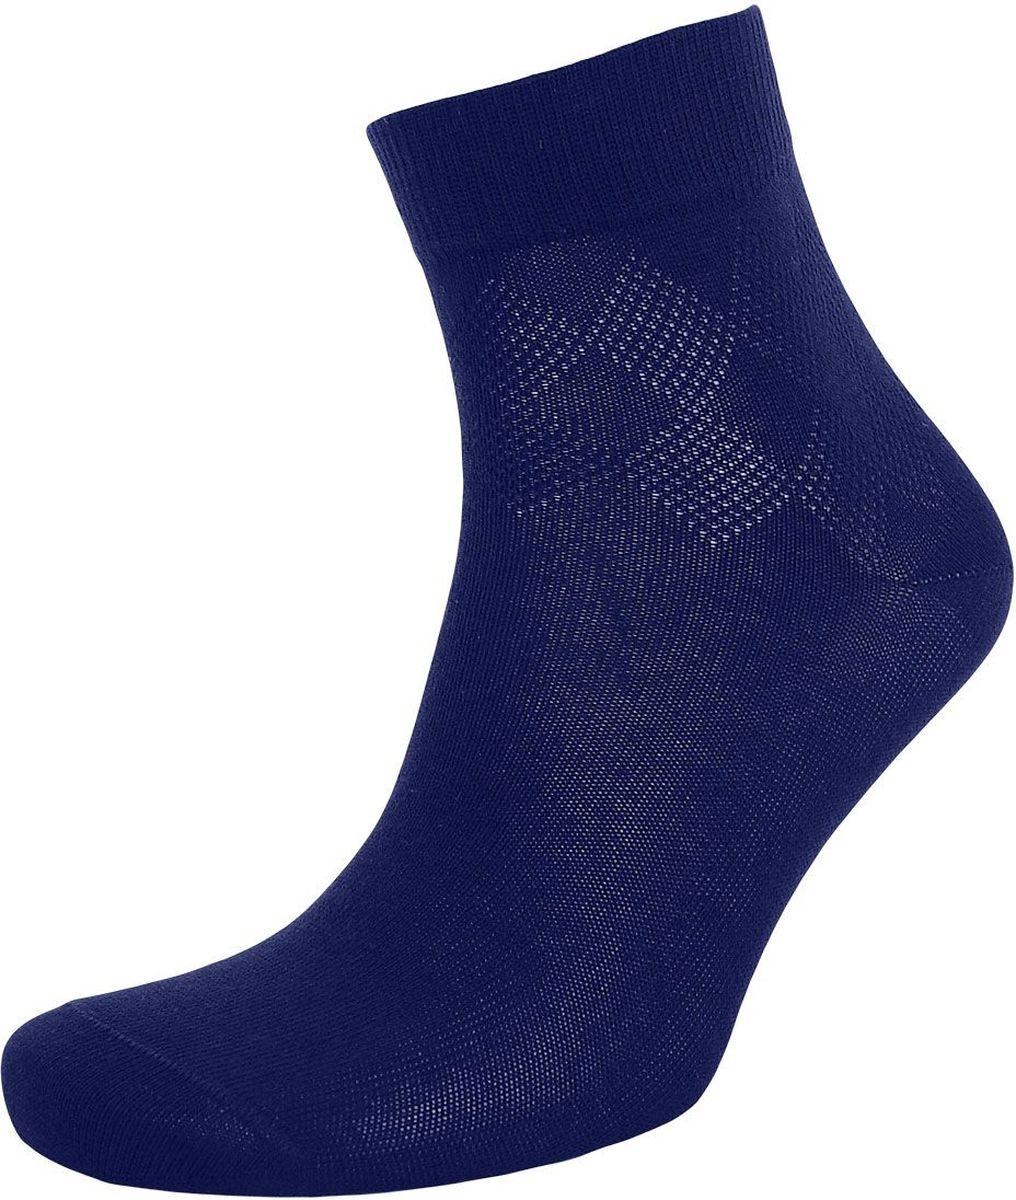 НоскиZC116Классические мужские носки Гранд выполнены из высококачественного хлопка, для повседневной носки. Носки, оформленные на паголенке рисунком сетка в два ряда, имеют усиленные пятку и мысок и двойную резинку. Носки долгое время сохраняют форму и цвет, а так же обладают антибактериальными и терморегулирующими свойствами.